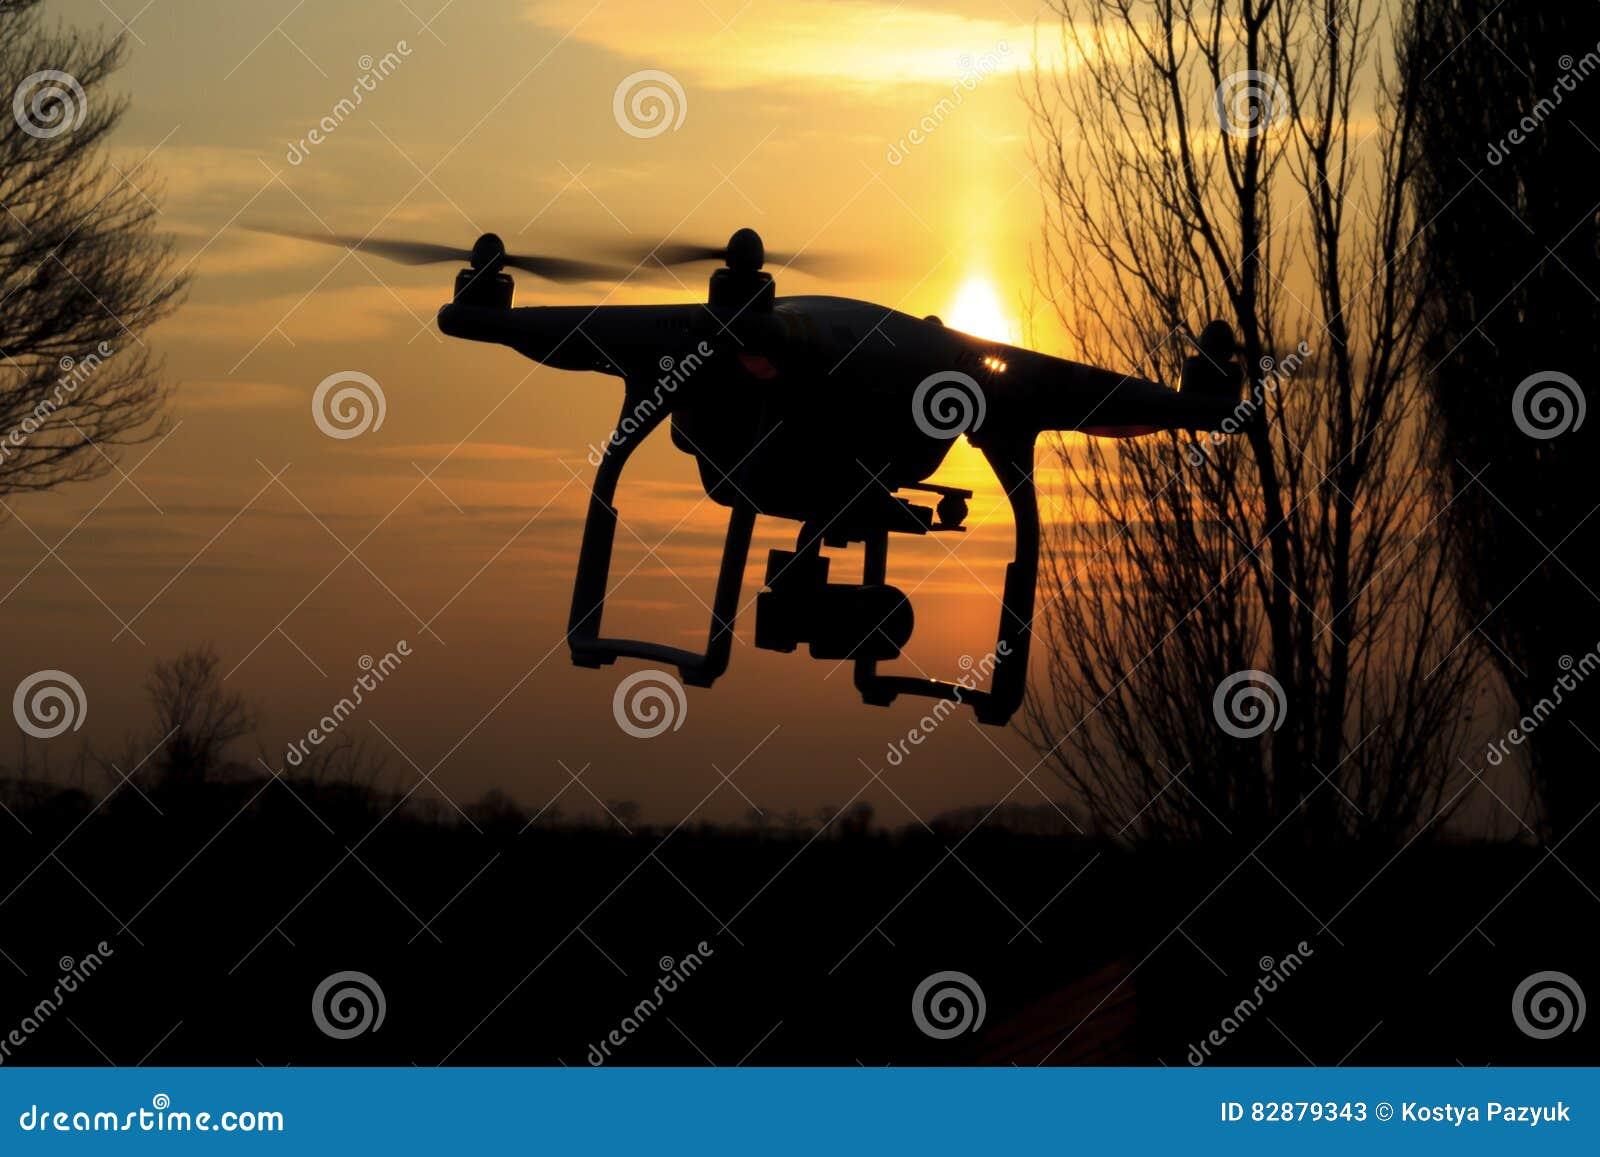 Il fuco pilota e rimuove i campi che hanno punteggiato il paesaggio dell agricoltura